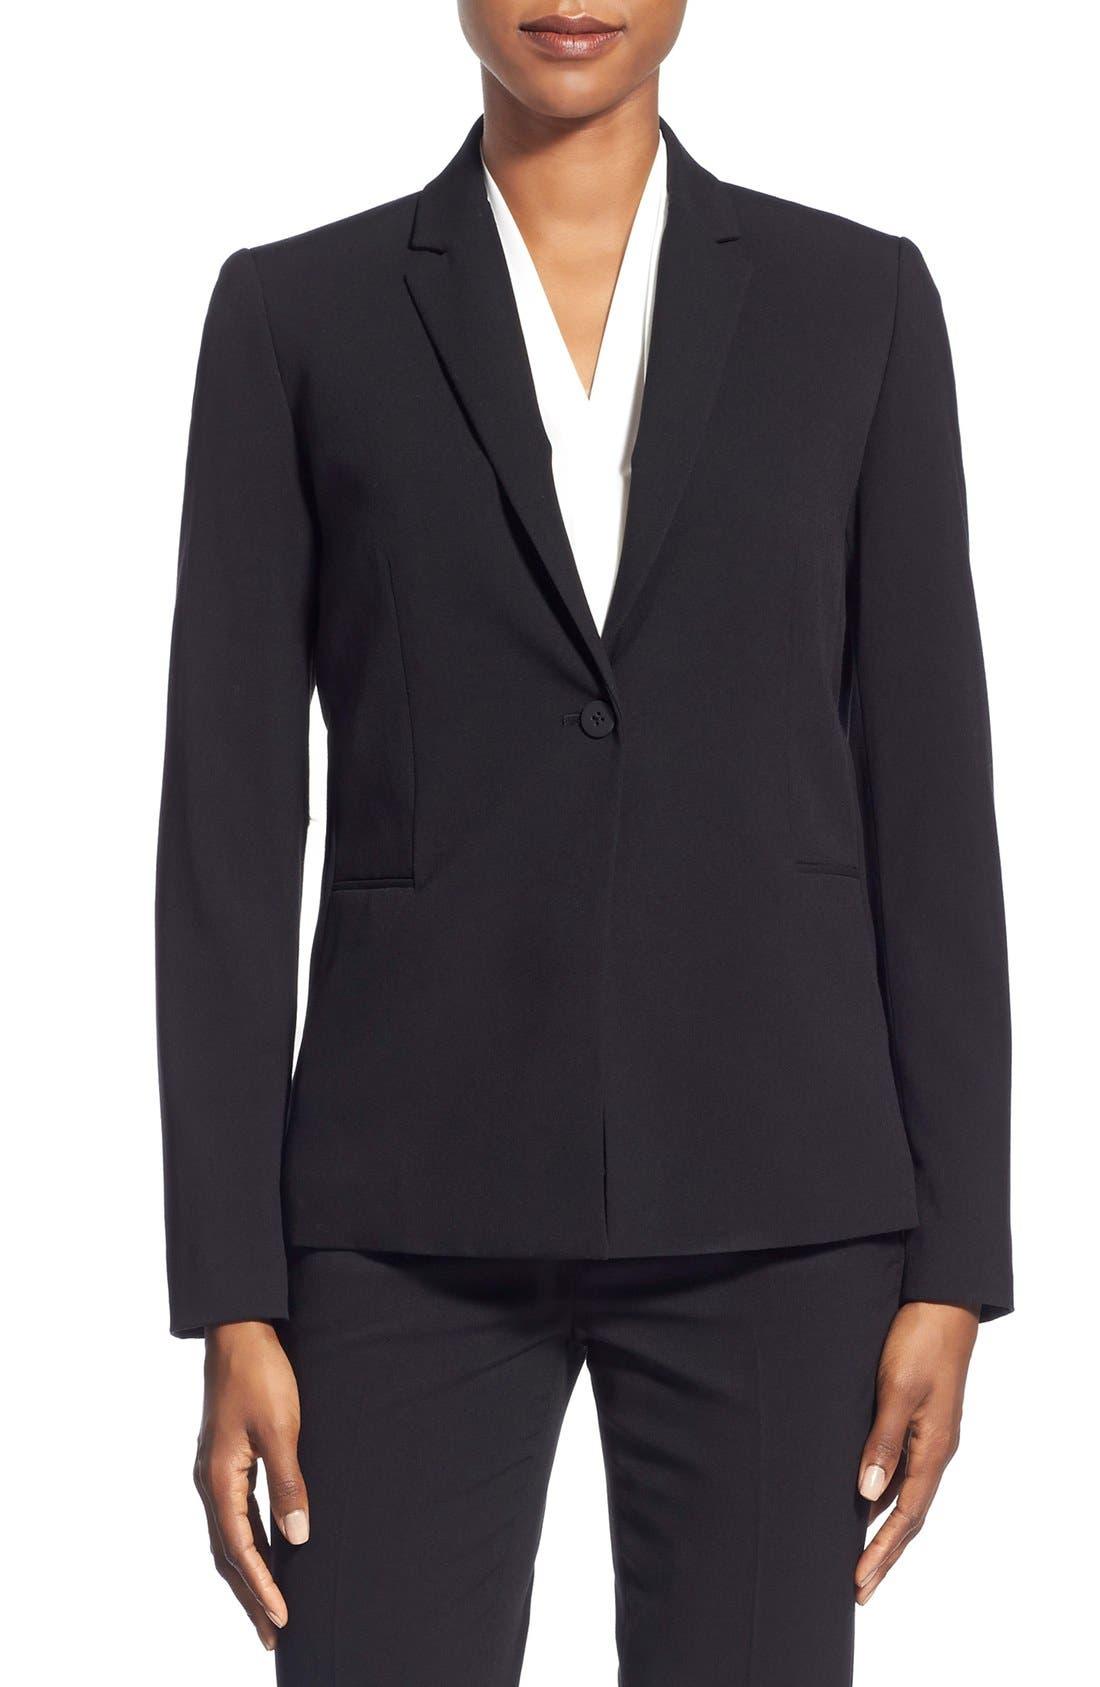 Jolie Stretch Woven Suit Jacket,                             Main thumbnail 1, color,                             Black